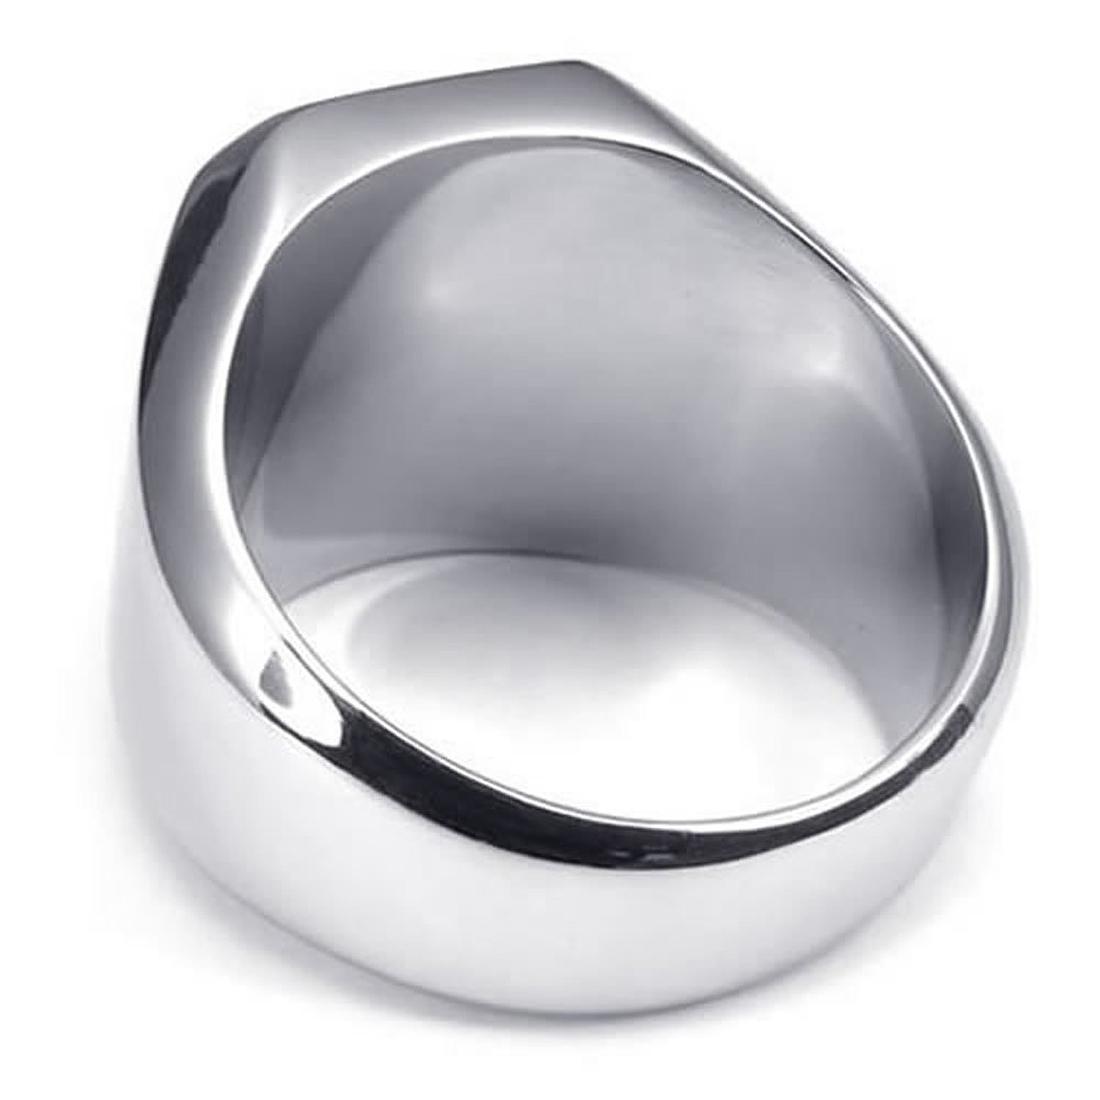 Schmuck herren  Schmuck Herren-Ring, Edelstahl, Siegelring, Silber DE | eBay